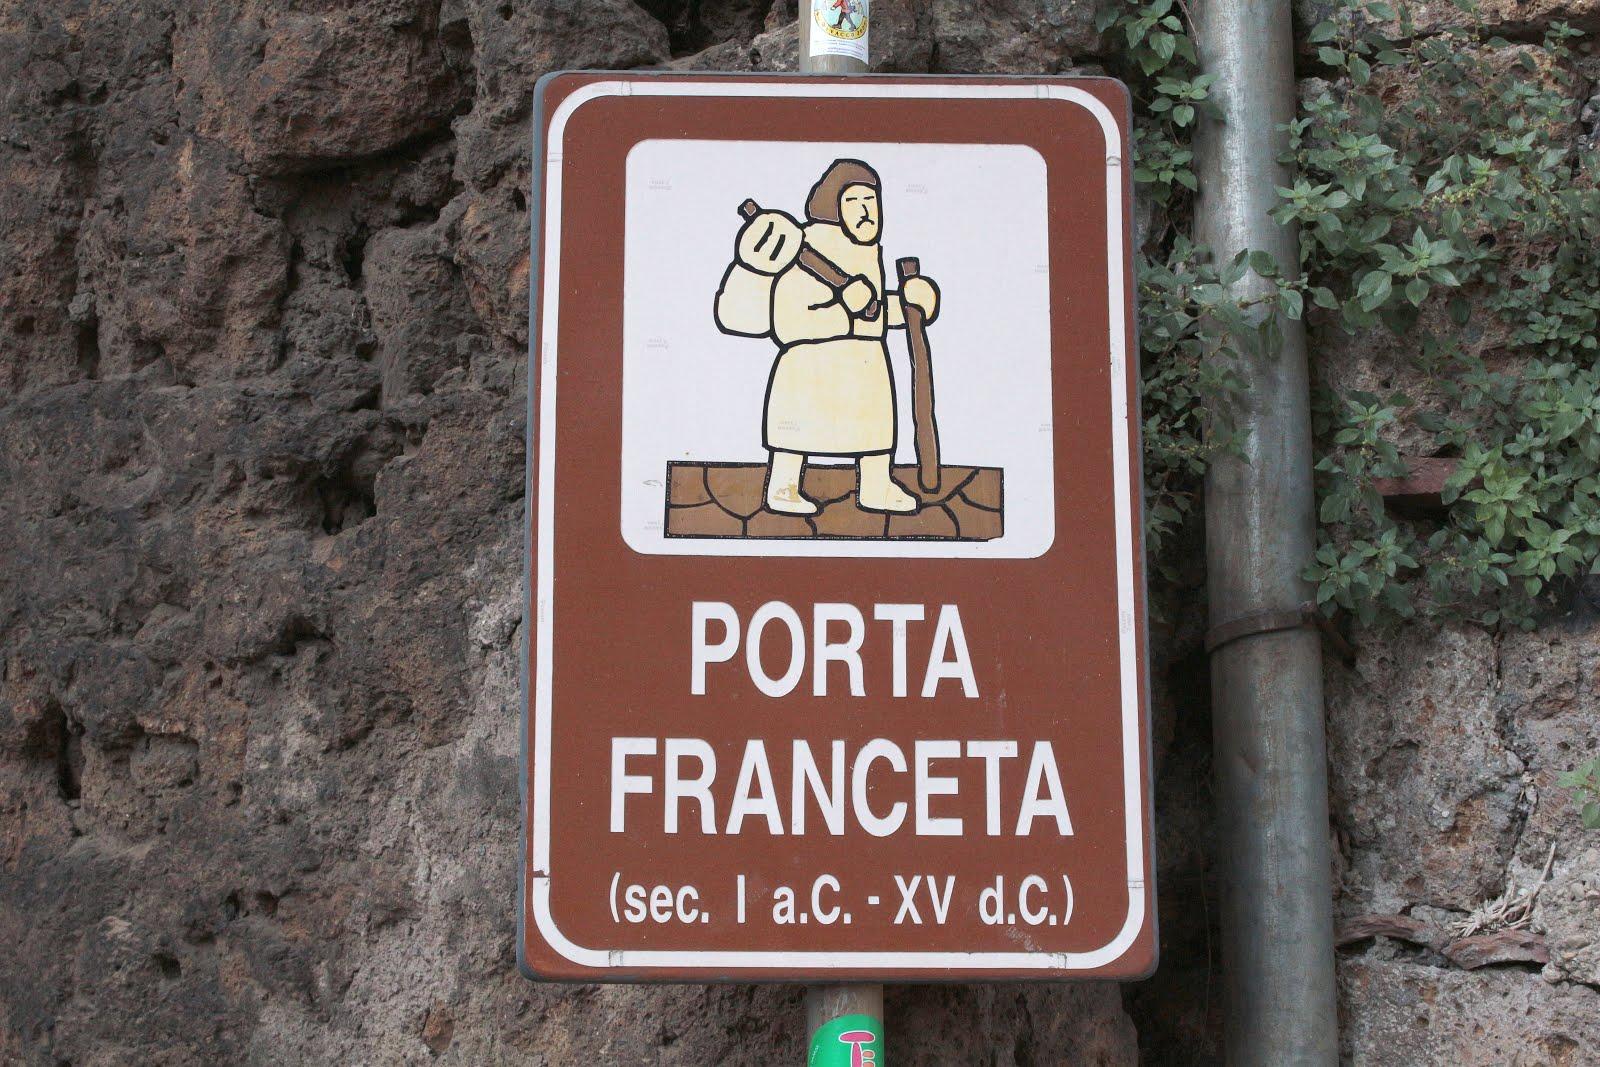 Ufficio Diocesano Pellegrinaggi - Vicenza